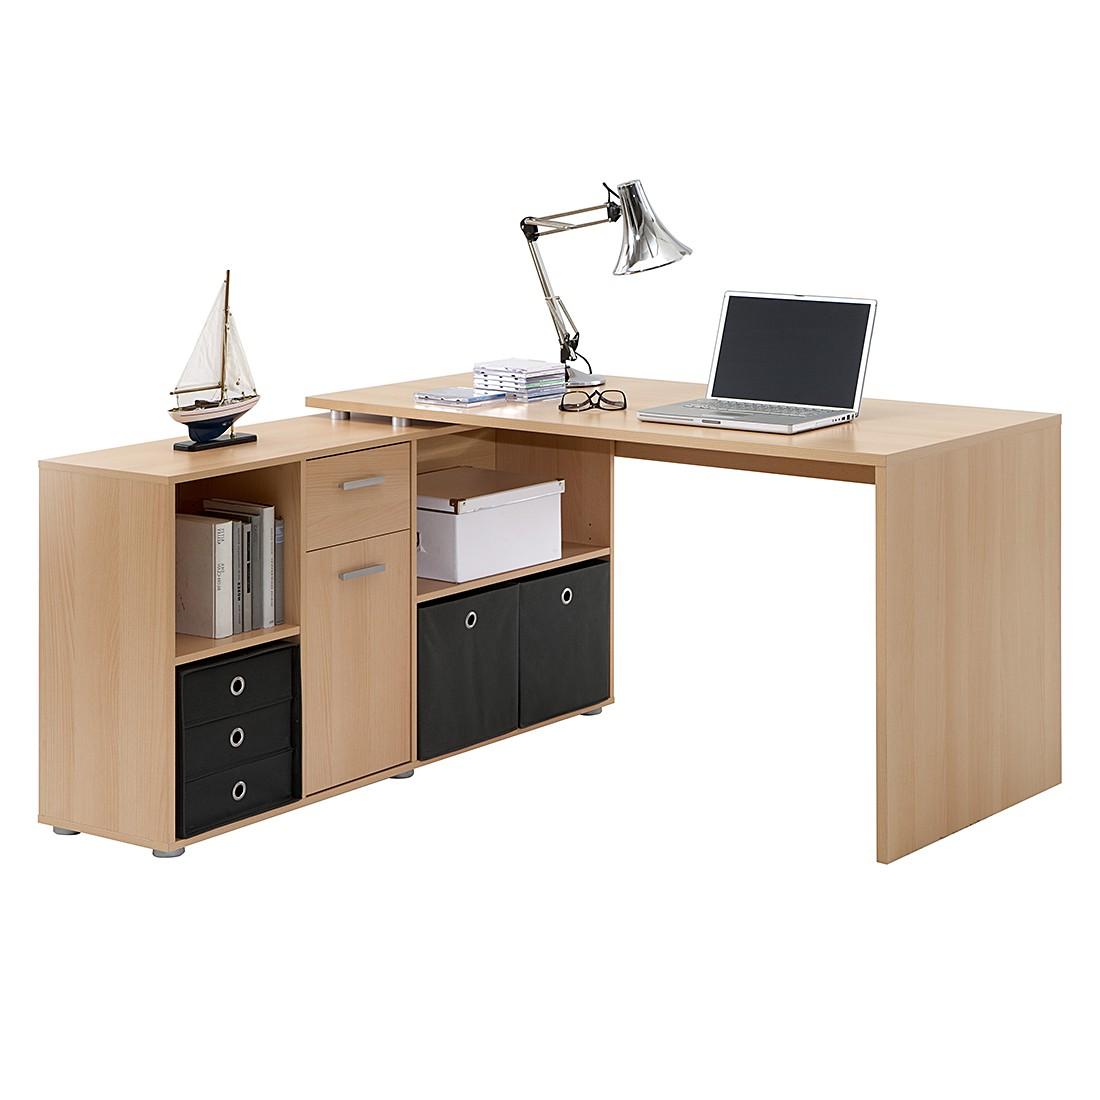 Schreibtisch largo buche dekor mooved g nstig for Eckschreibtische buche